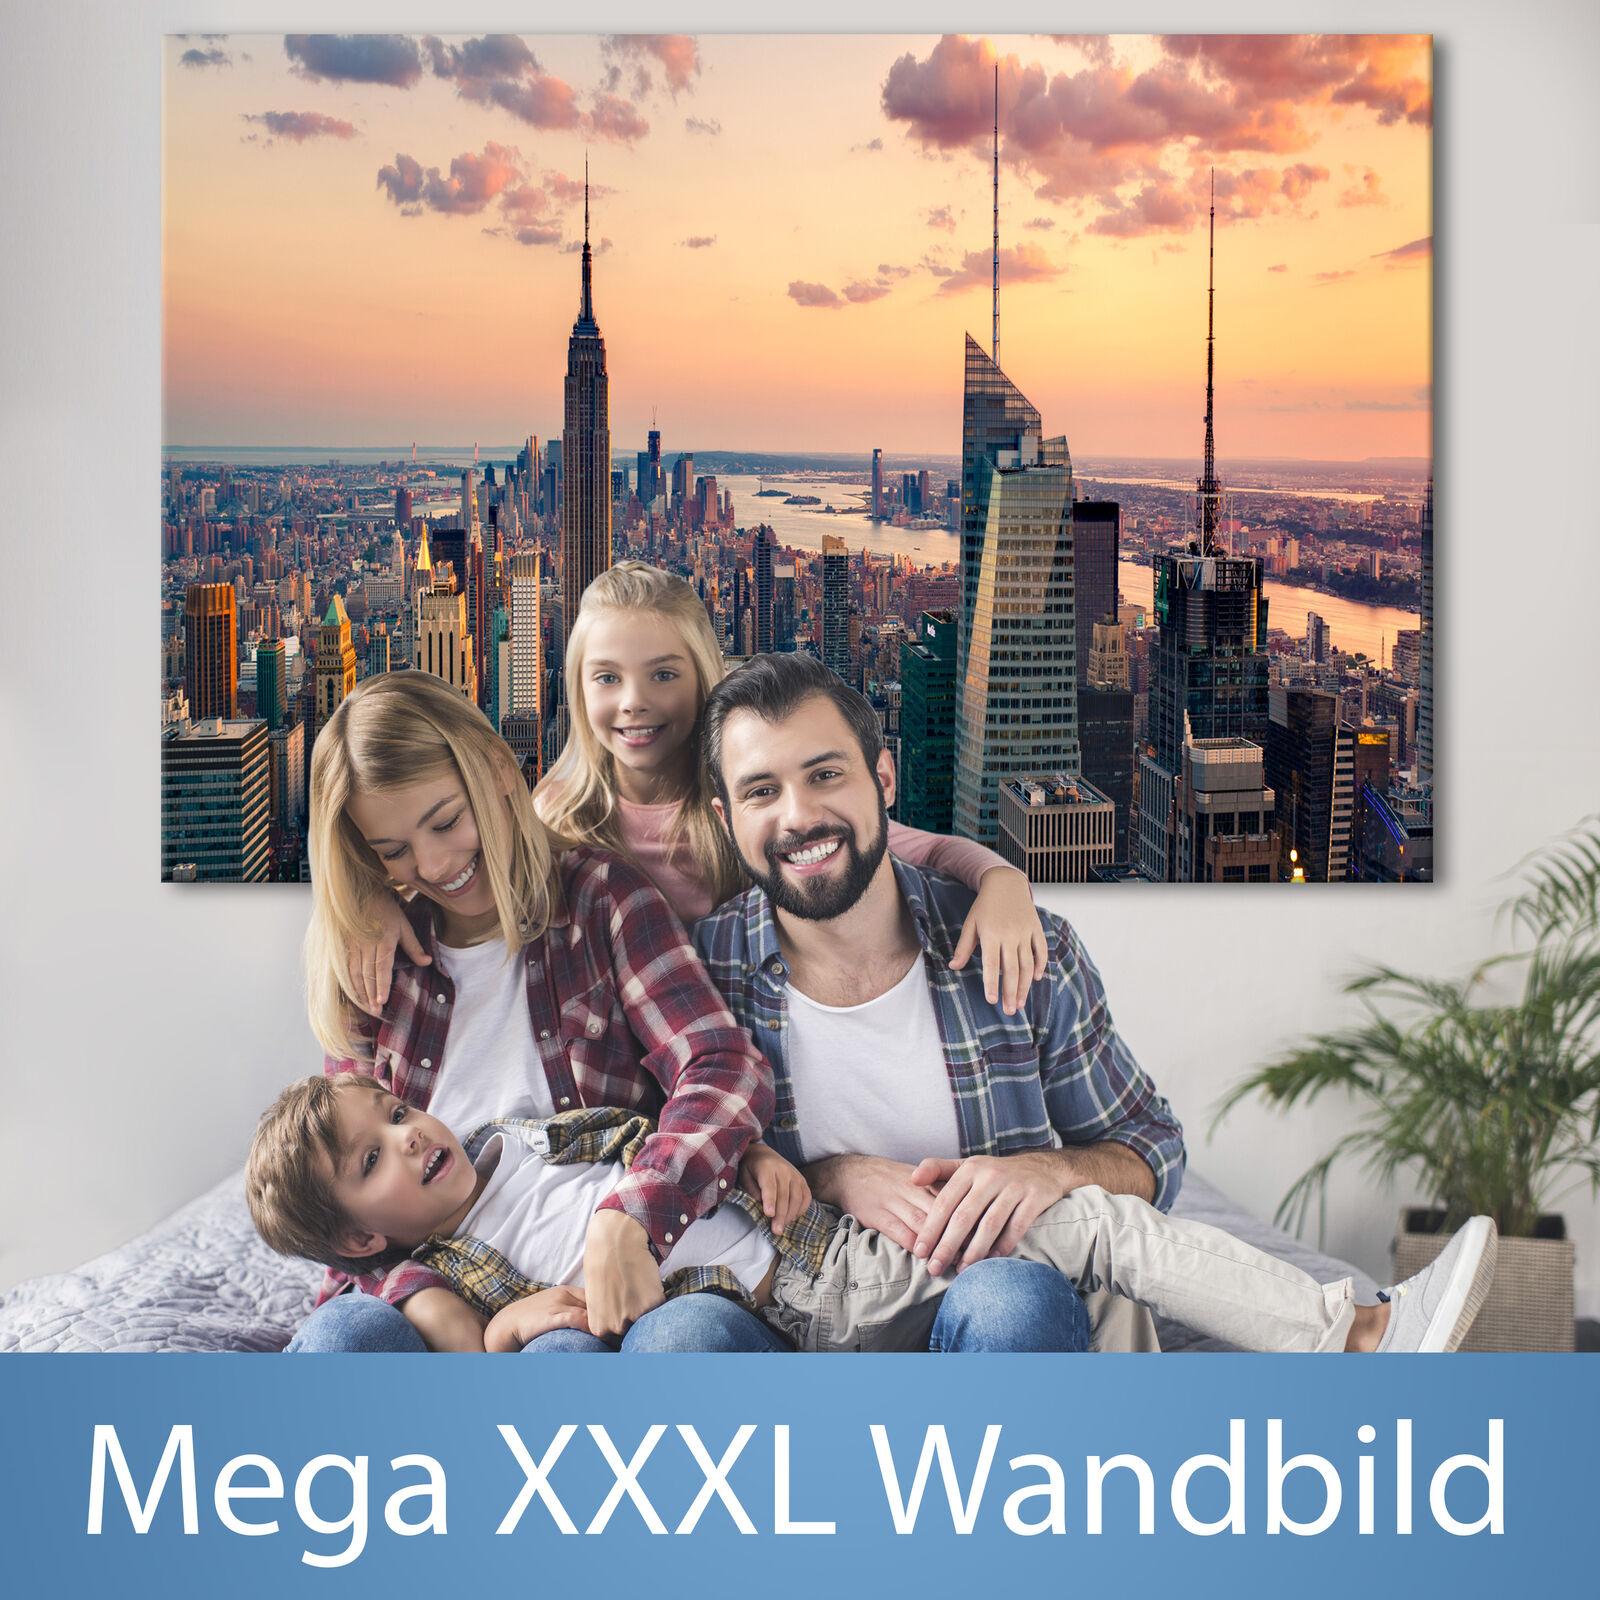 XXXL Wandbild New York Riesenformat Leinwandbild xxl Canvas Bild Bild Bild d-B-0235-ak-a 222b6d